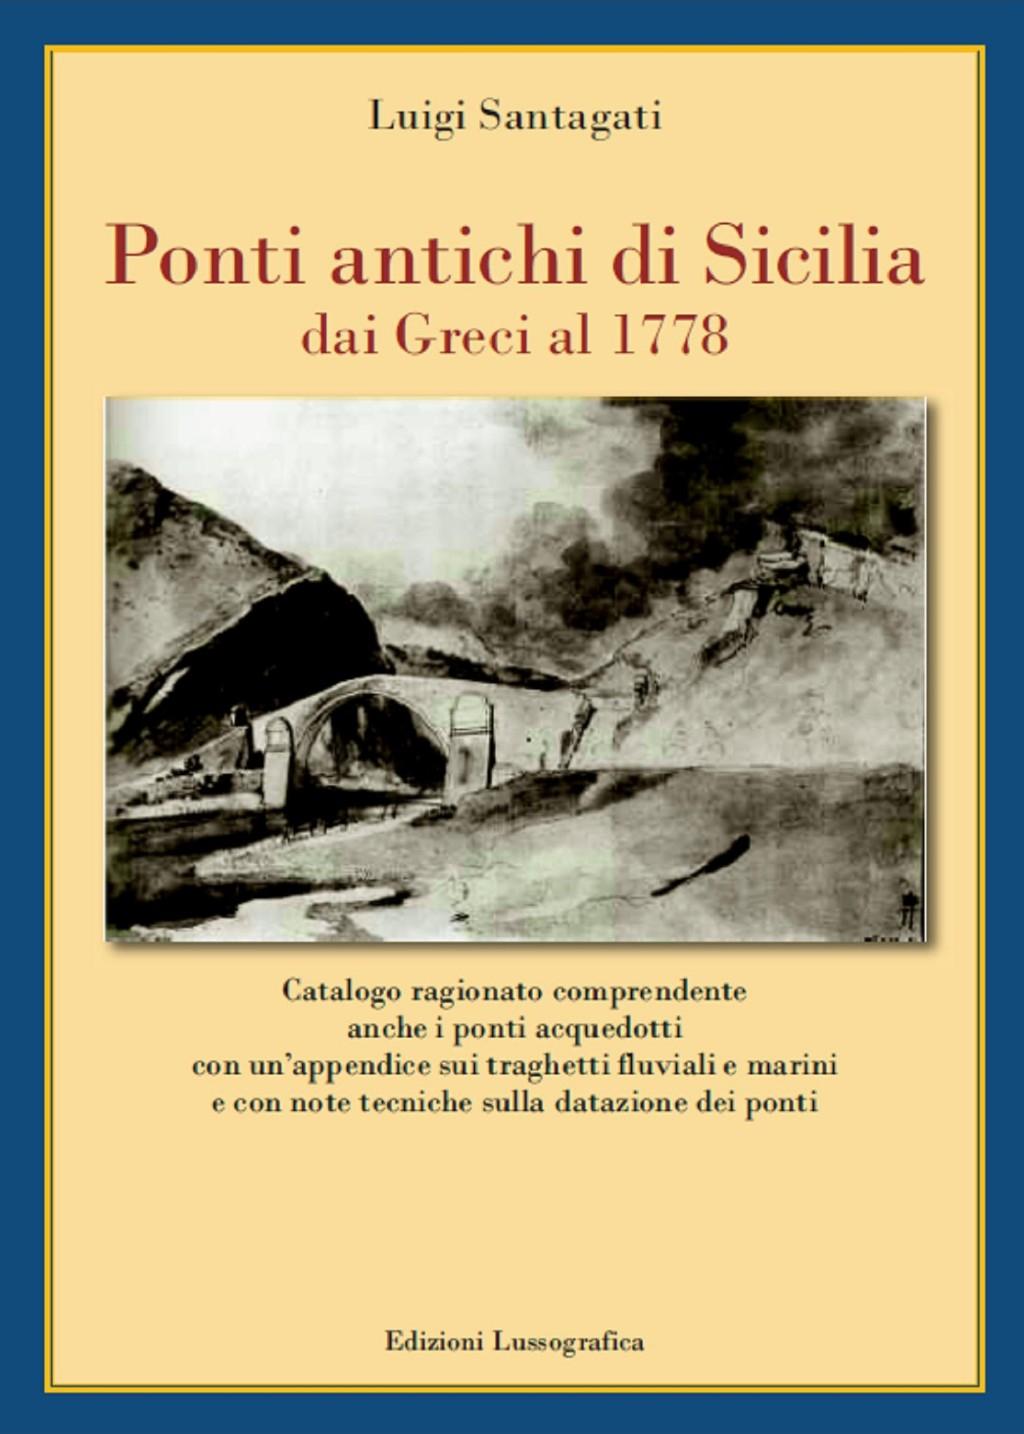 """Altavilla Milicia, nell'ambito dell'iniziativa di BCsicilia """"30 Libri in 30 Giorni"""" si presenta il volume """"Ponti antichi di Sicilia, dai Greci al 1778"""""""